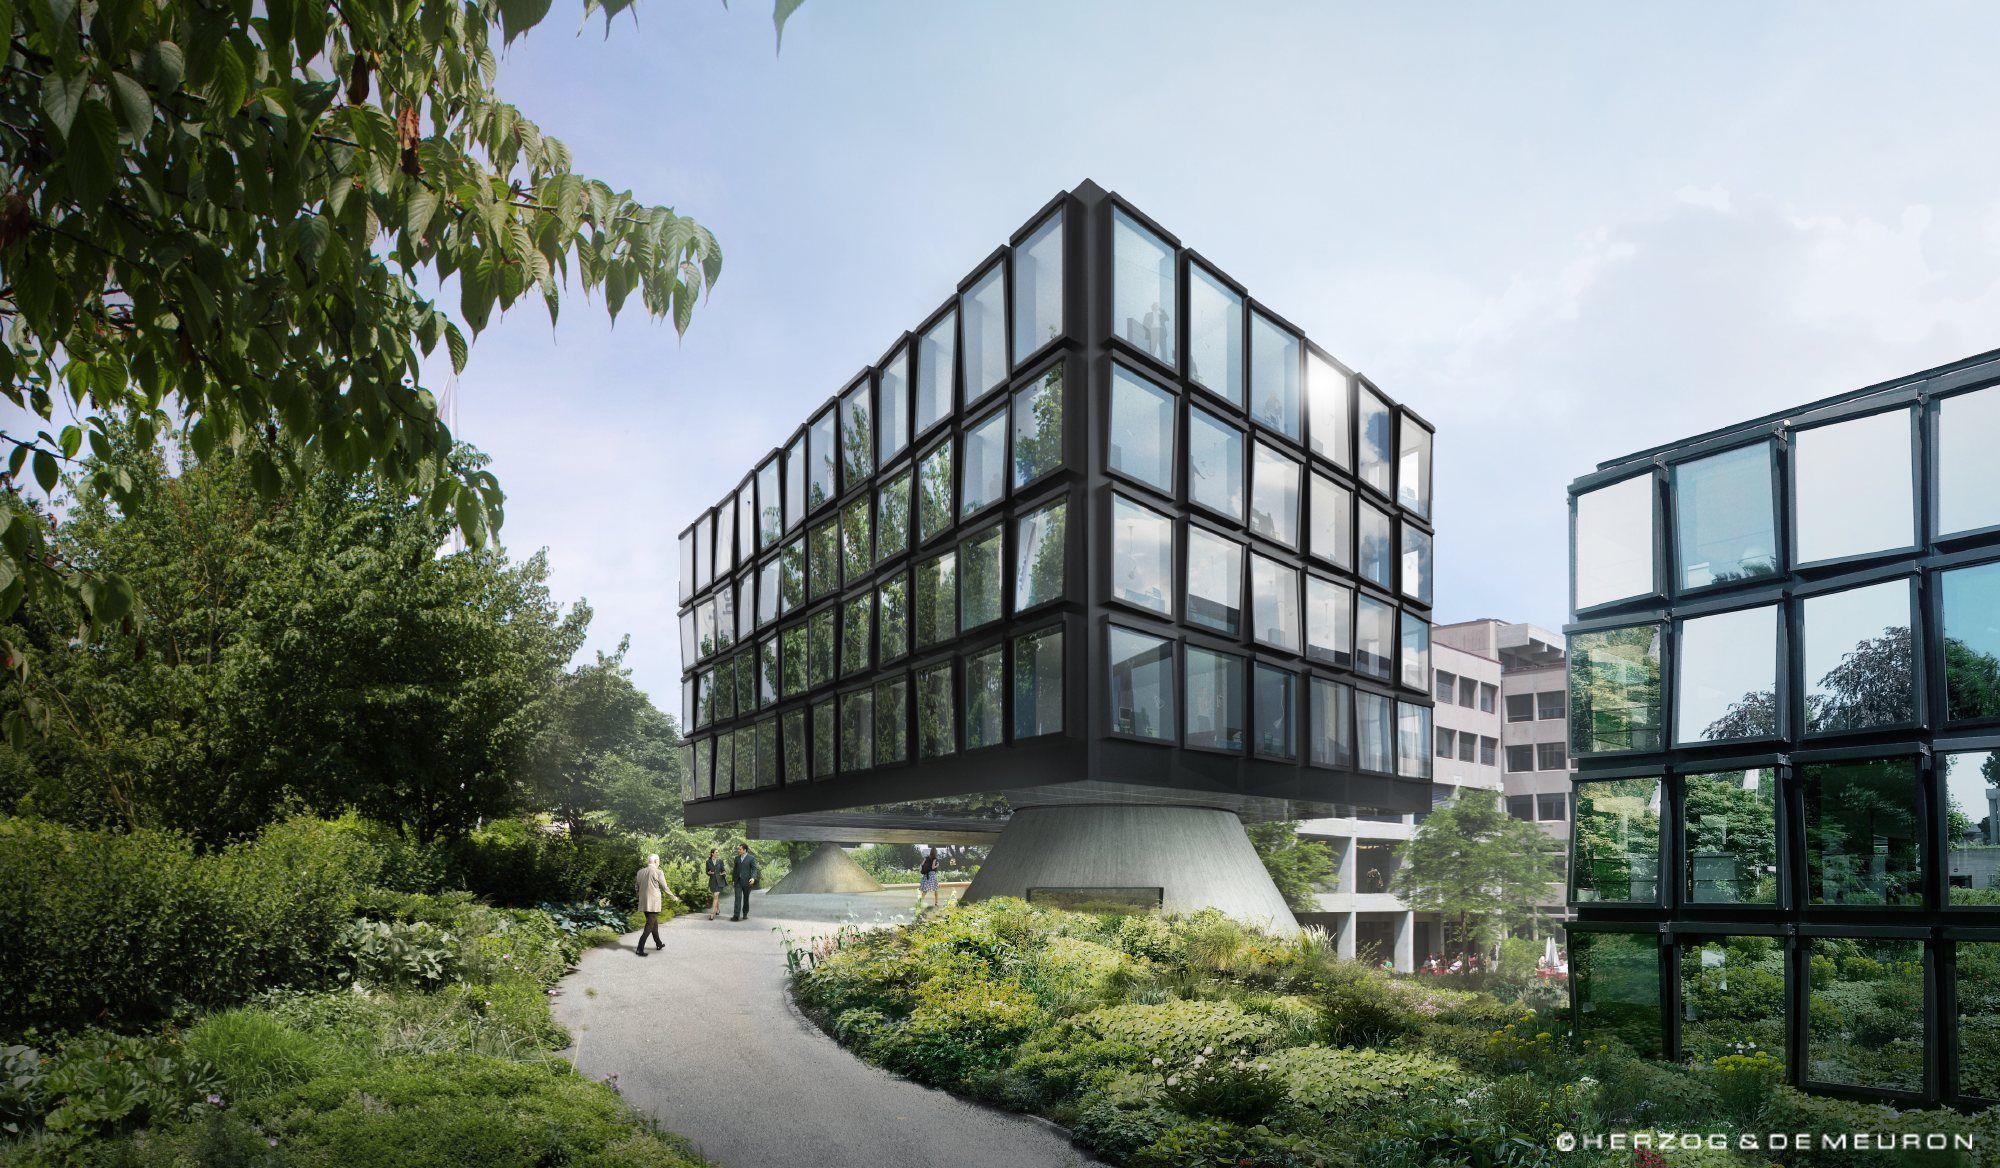 HdM erweitern Helvetia-Hauptsitz in St. Gallen / Letzte Etappe - Architektur und Architekten - News / Meldungen / Nachrichten - BauNetz.de